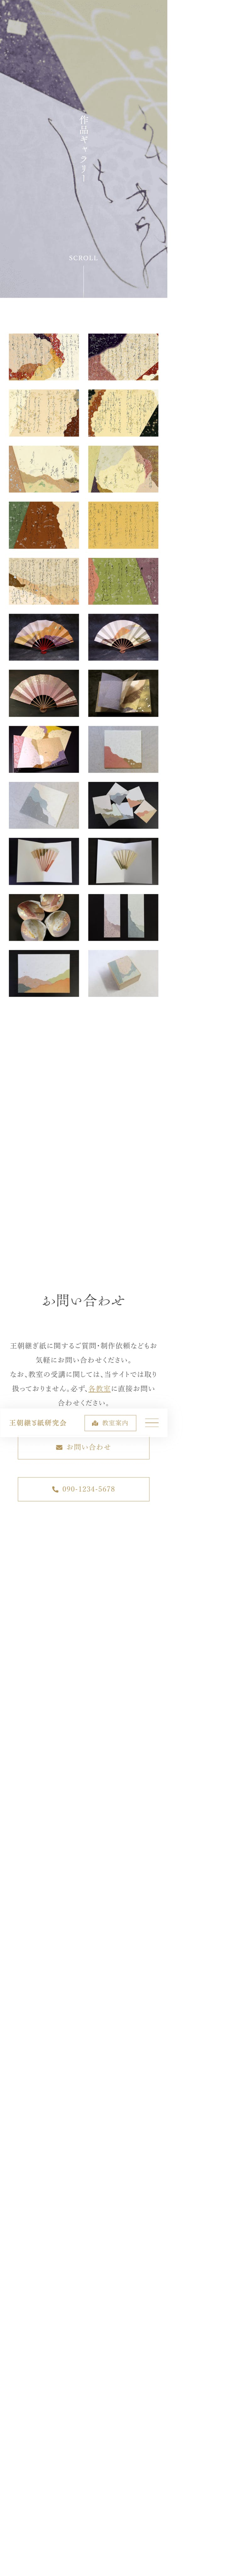 「王朝継ぎ紙研究会」Webサイトリニューアル-9